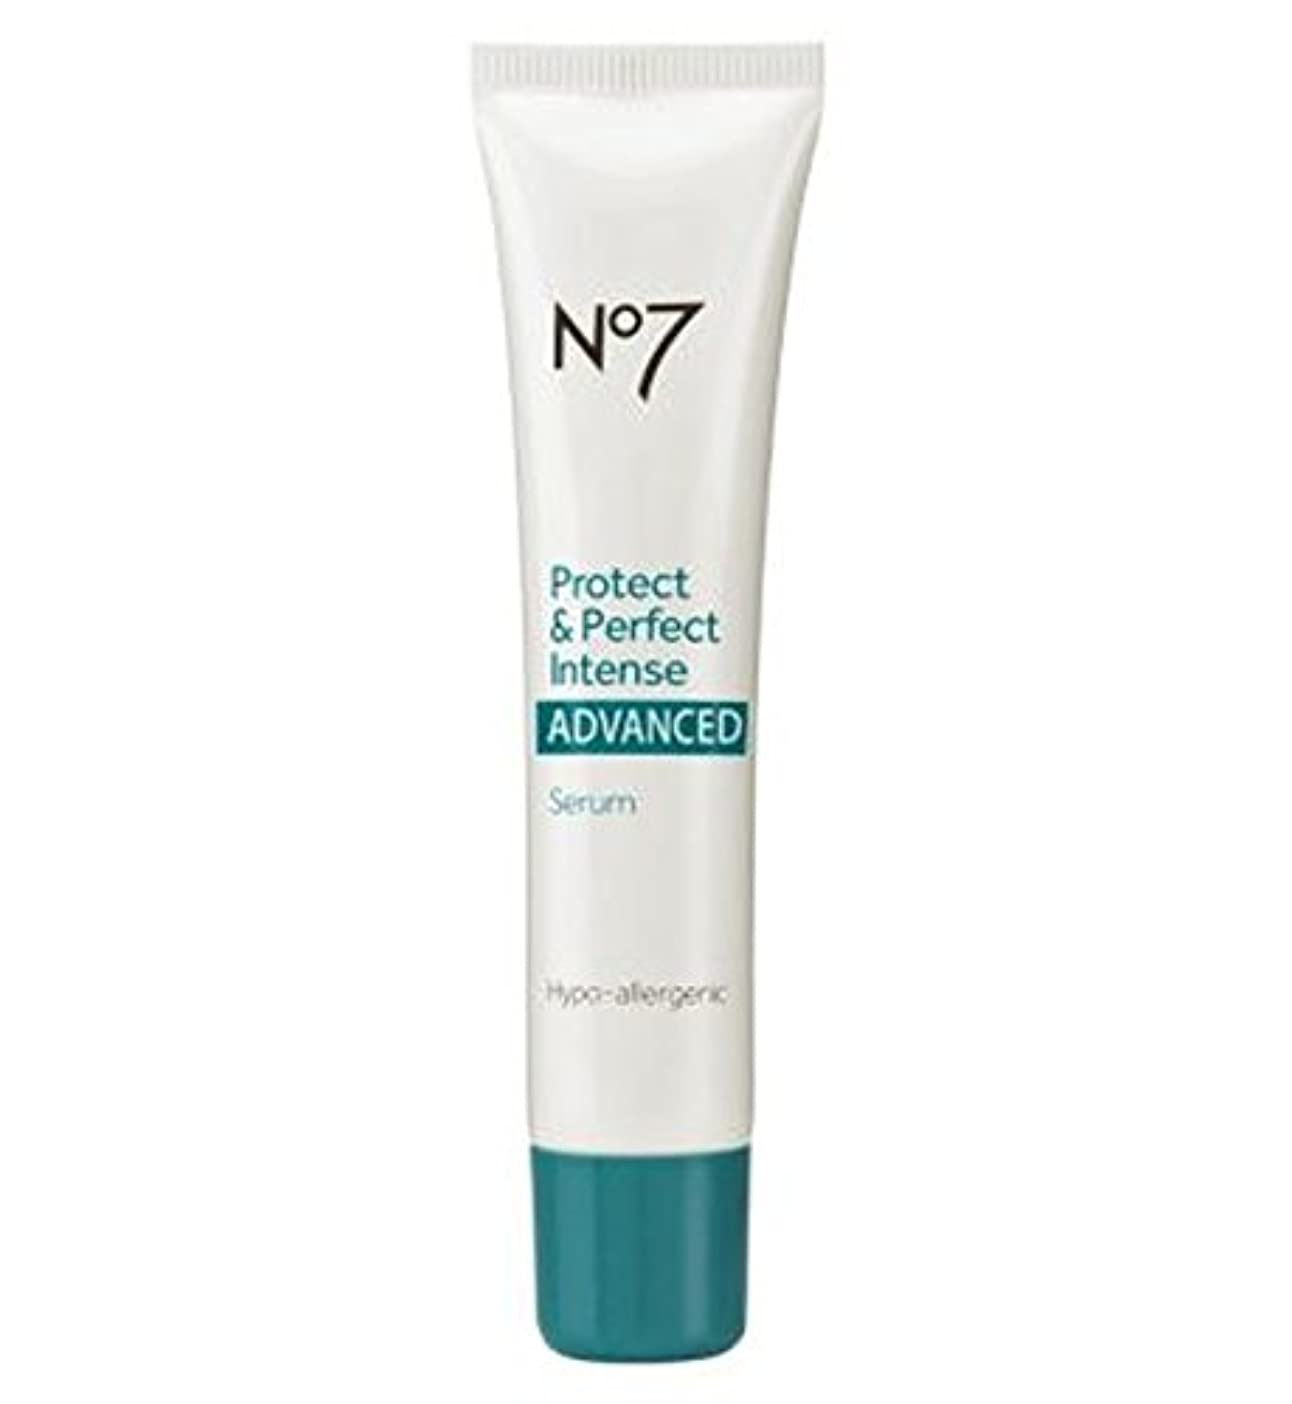 正直羨望ぞっとするようなNo7 Protect & Perfect Intense ADVANCED Serum 30ml - No7保護&完璧な強烈な高度な血清30ミリリットル (No7) [並行輸入品]